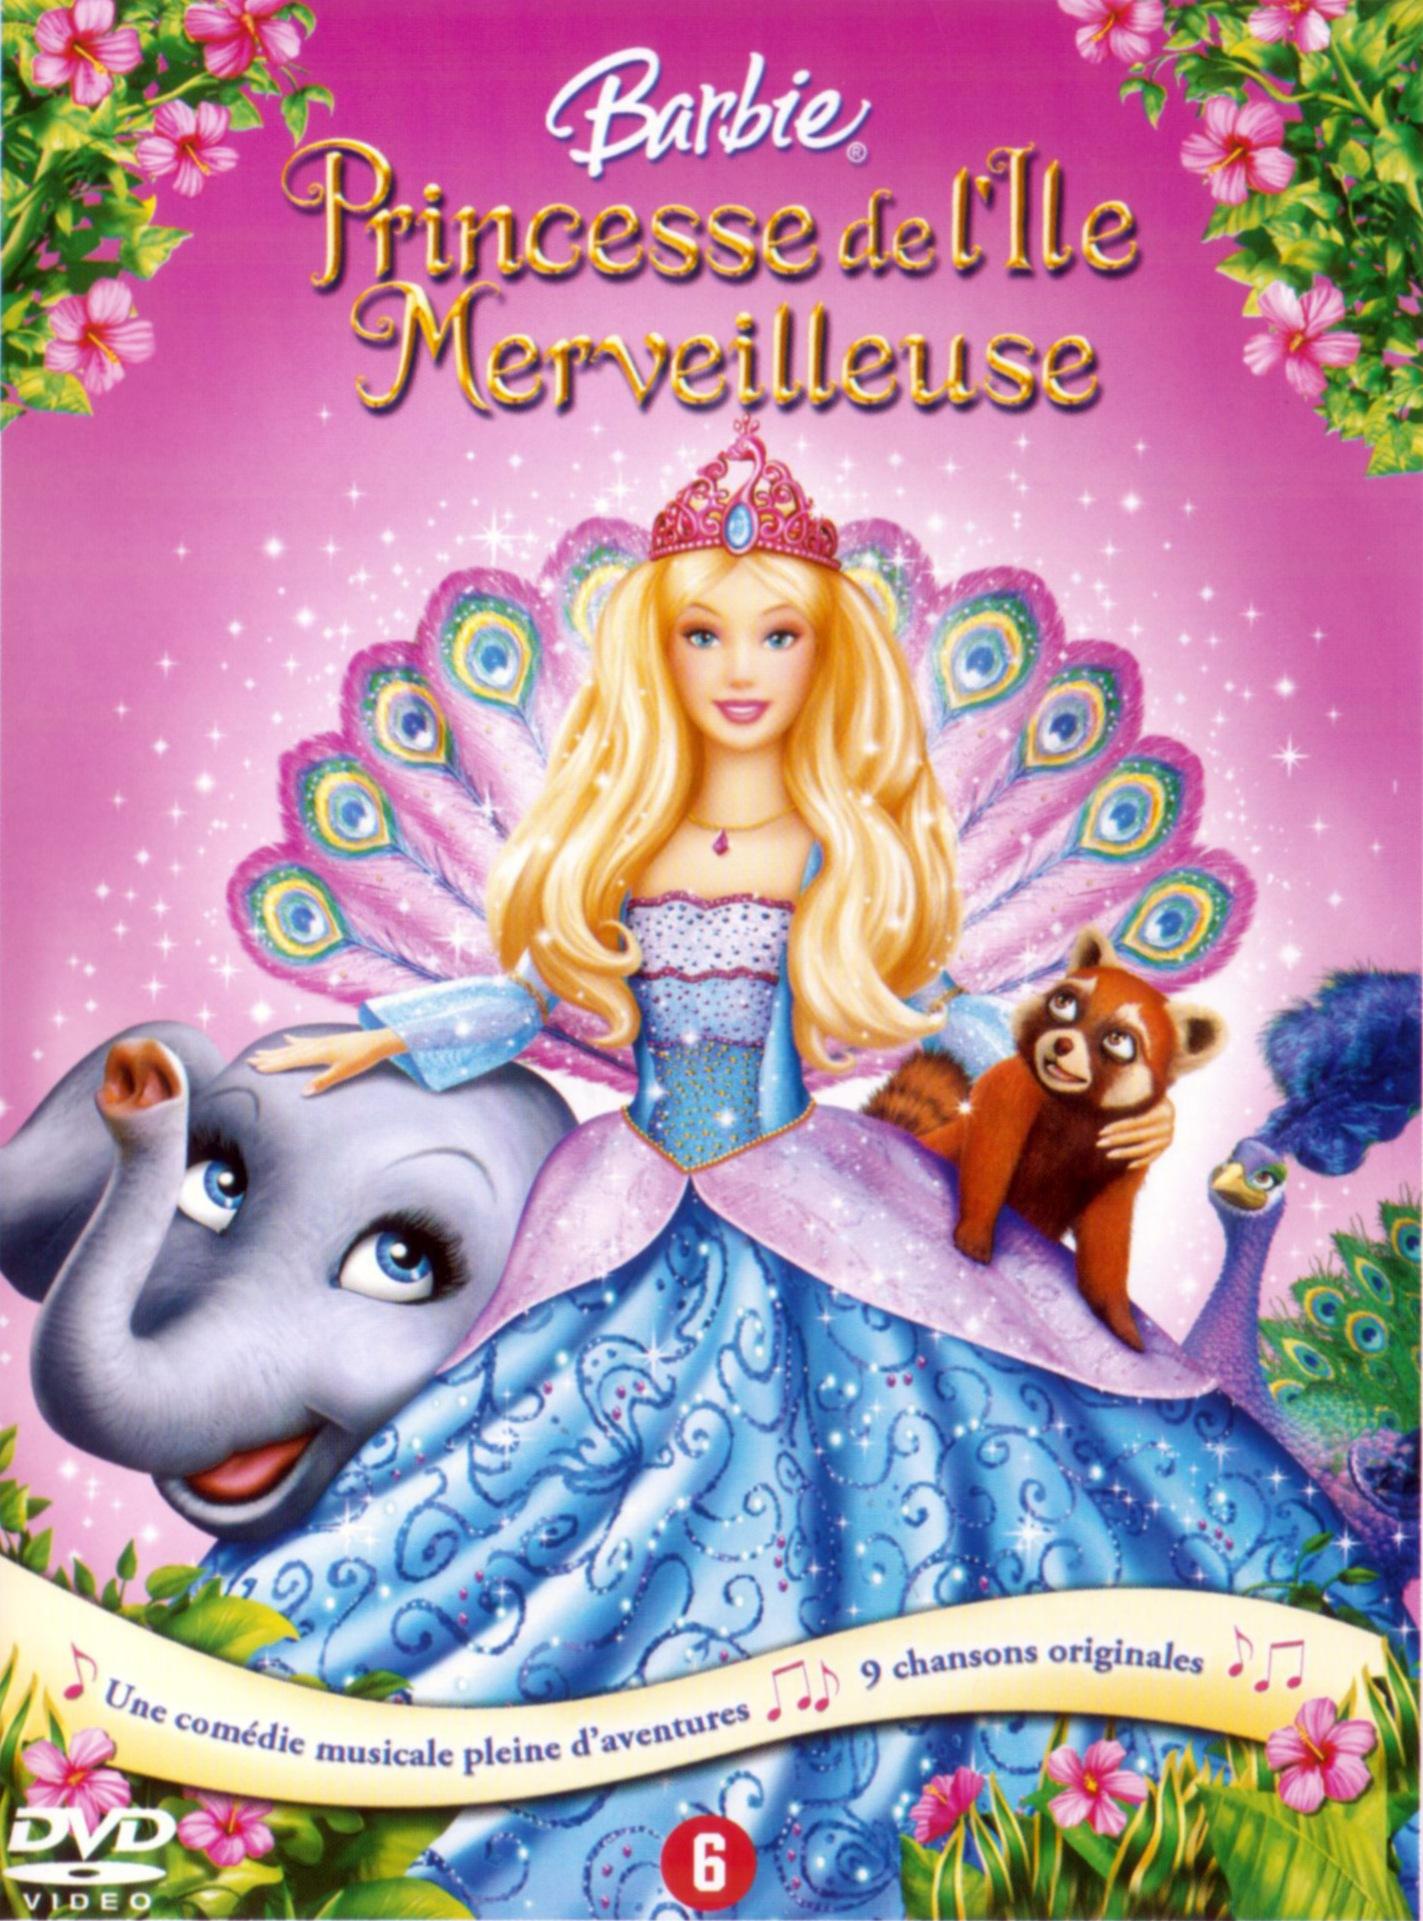 Pr sentation de barbie princesse de l 39 ile merveilleuse - Barbie en princesse ...